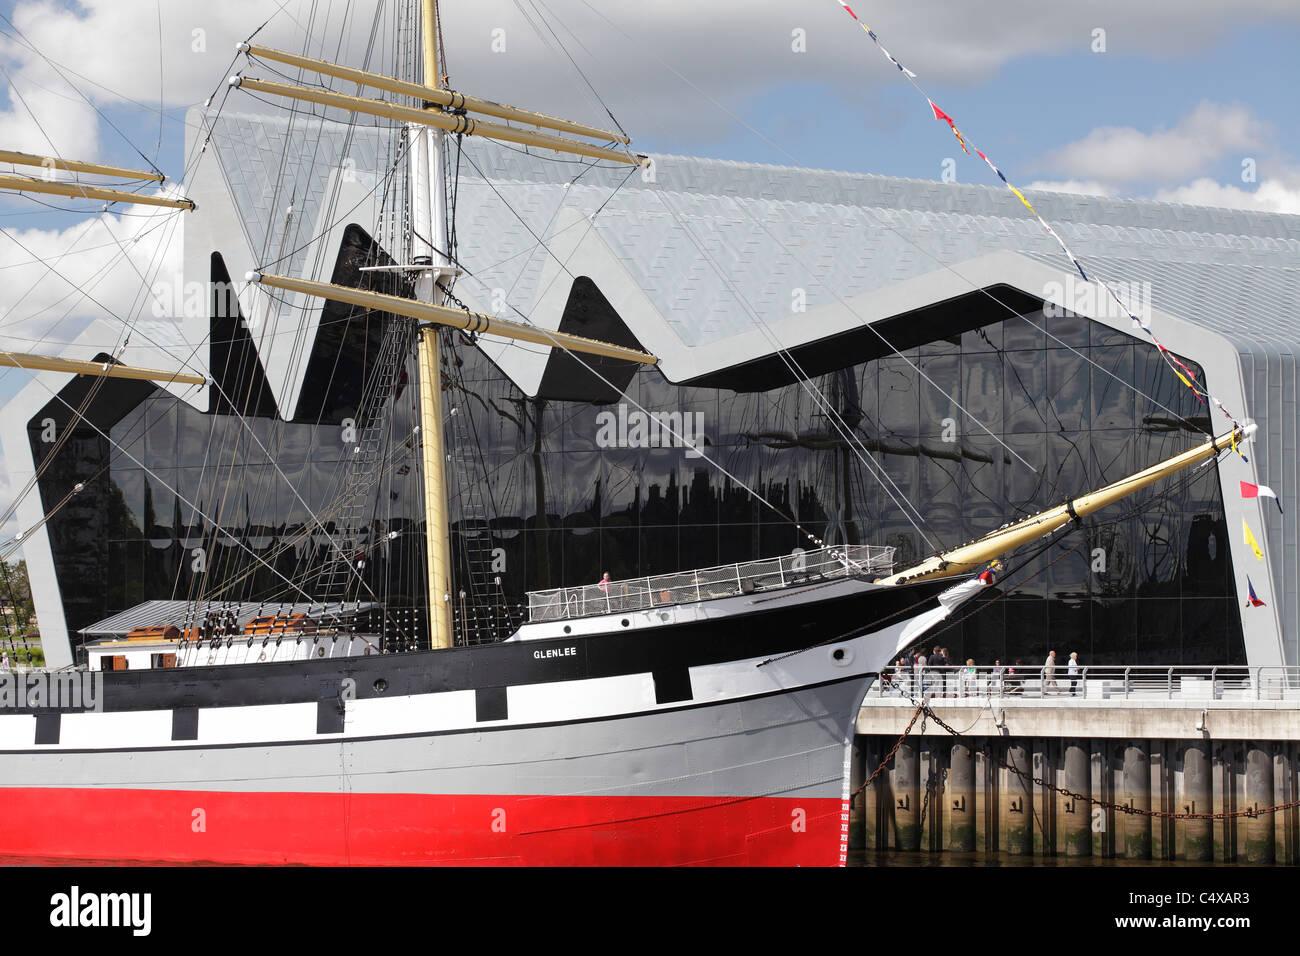 Riverside Museum di trasporti e viaggi e la Tall Ship Glenlee sul fiume Clyde, Glasgow, Scotland, Regno Unito Immagini Stock